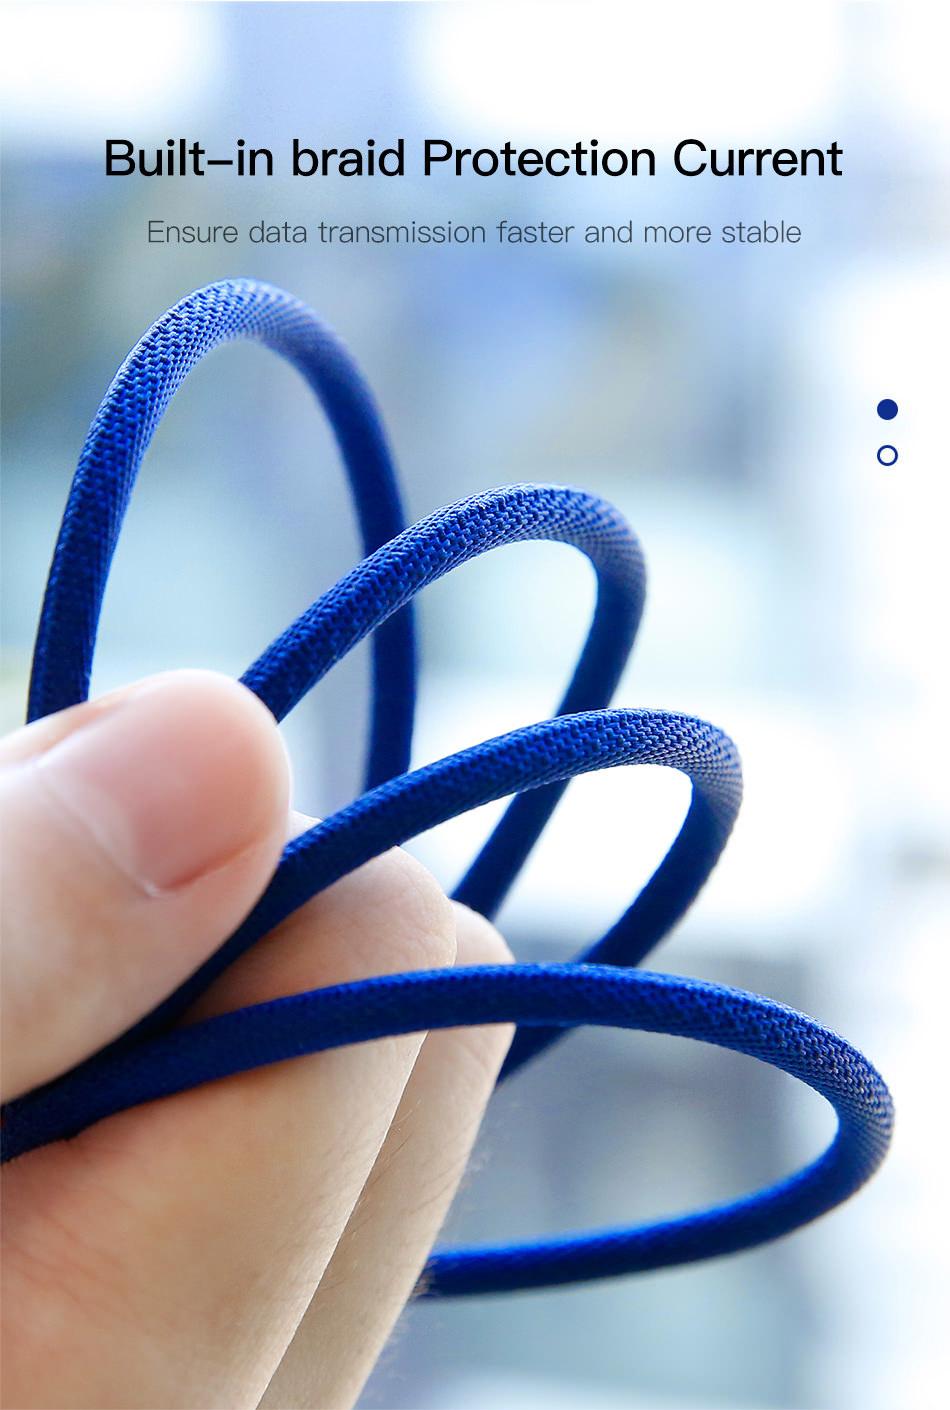 baseus 5m type c cable sale